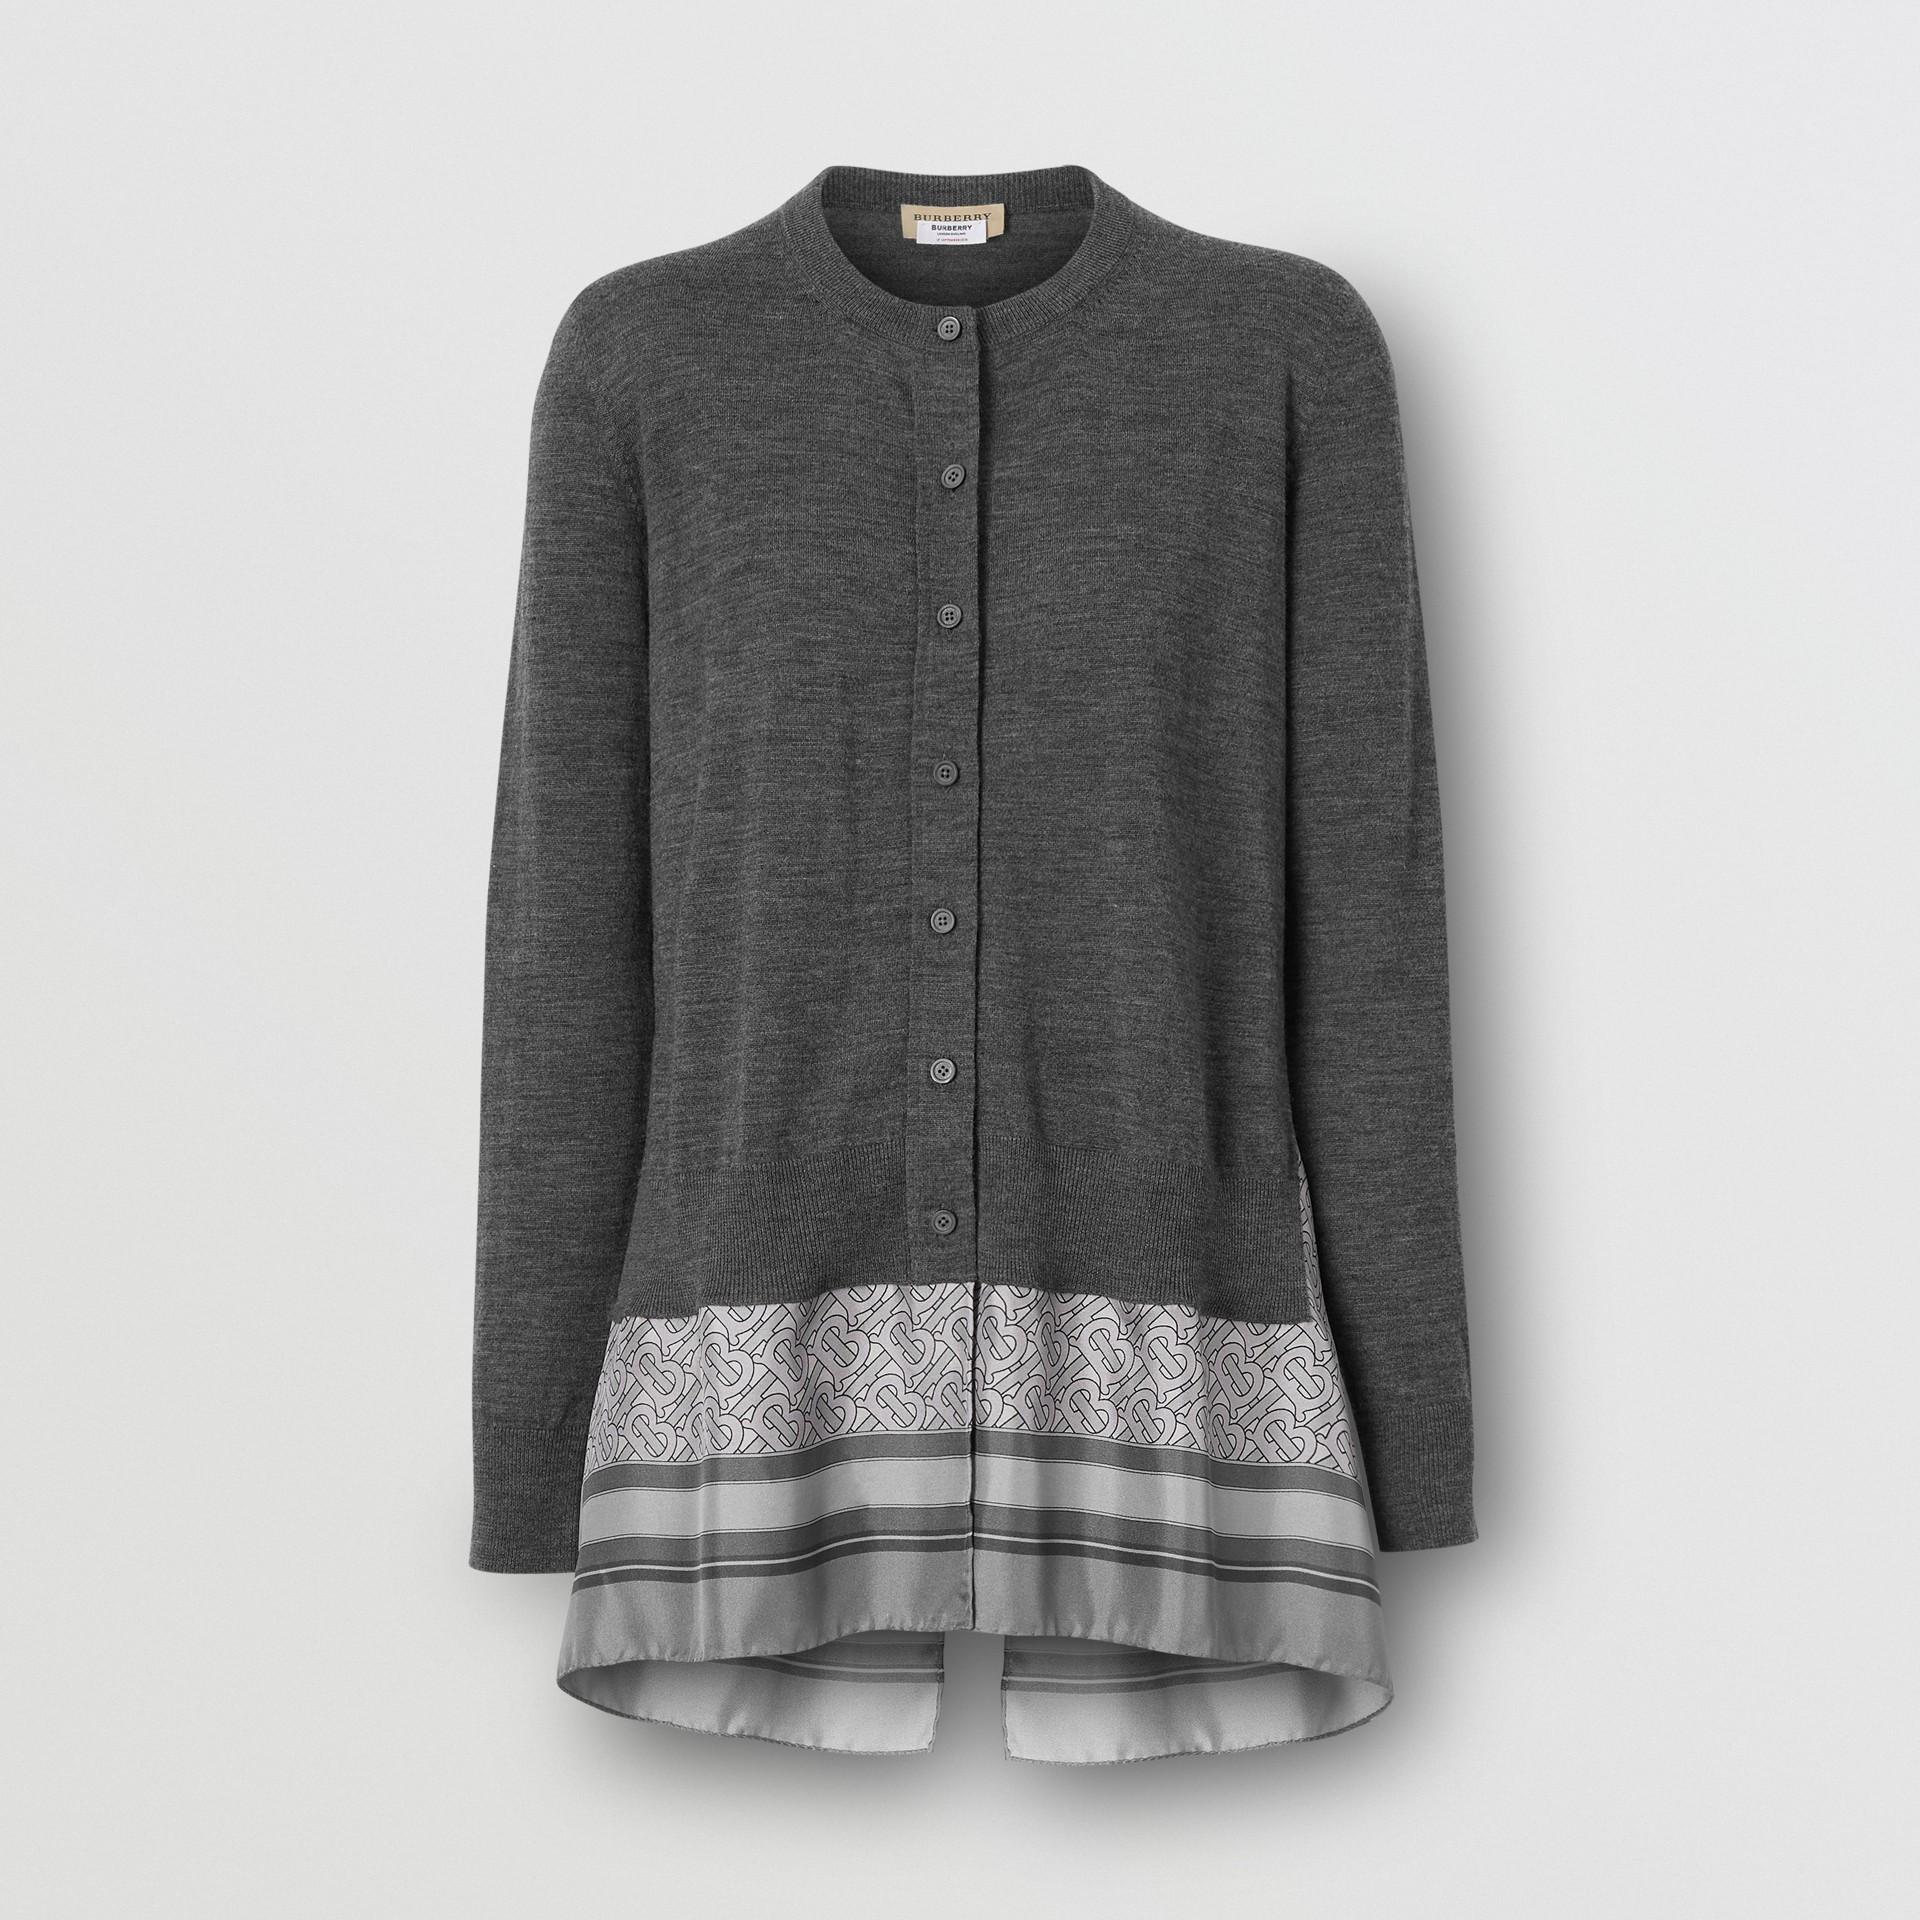 Cardigan in lana con dettaglio foulard e stampa monogramma (Grigio Mélange) - Donna | Burberry - immagine della galleria 3